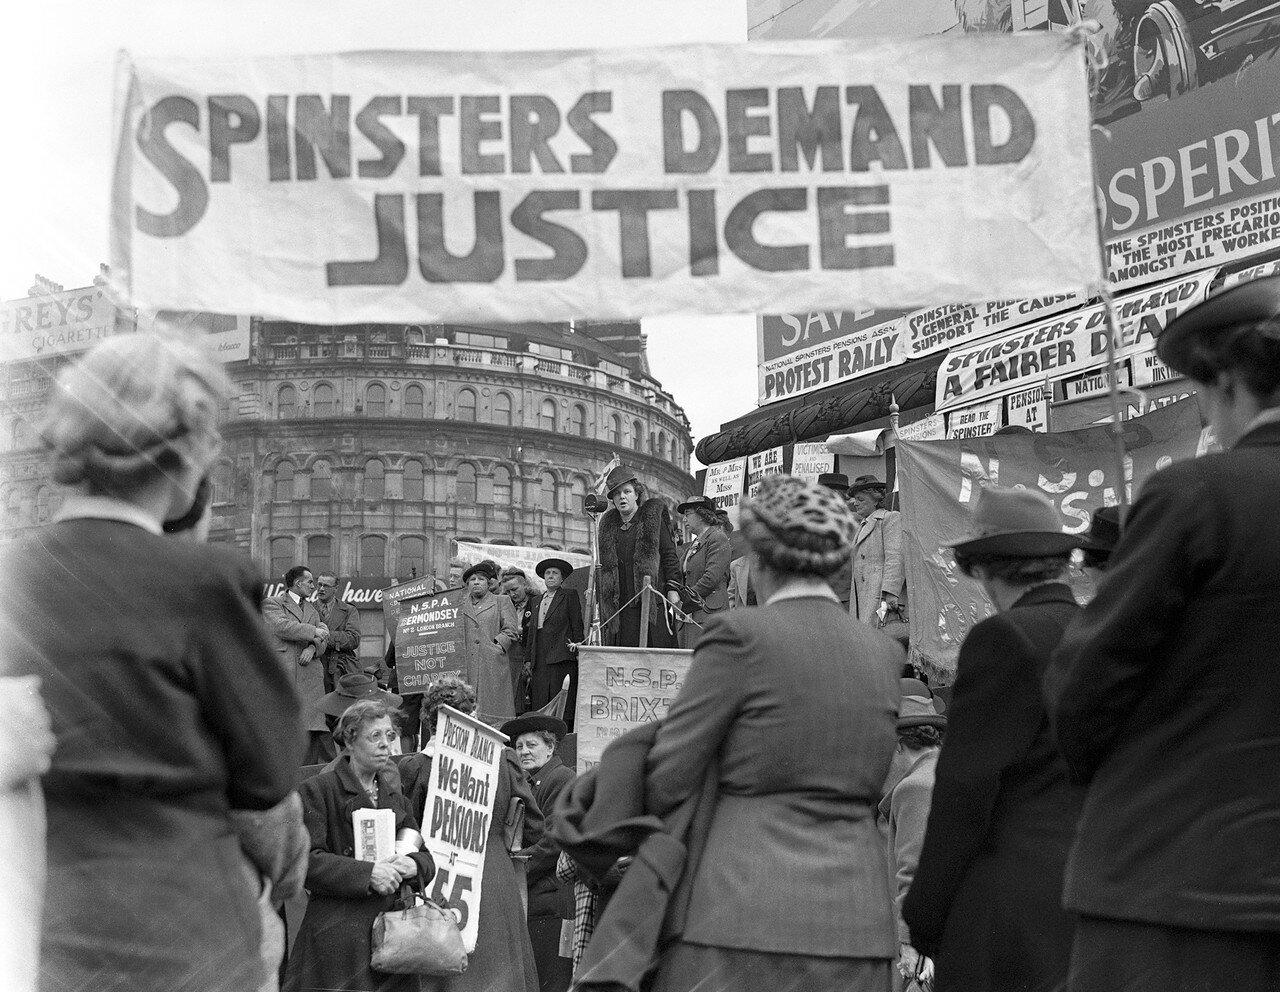 1946. Май. Митинг пожилых женщин на Трафальгарской площади. Они требуют выхода на пенсию в возрасте 55 лет